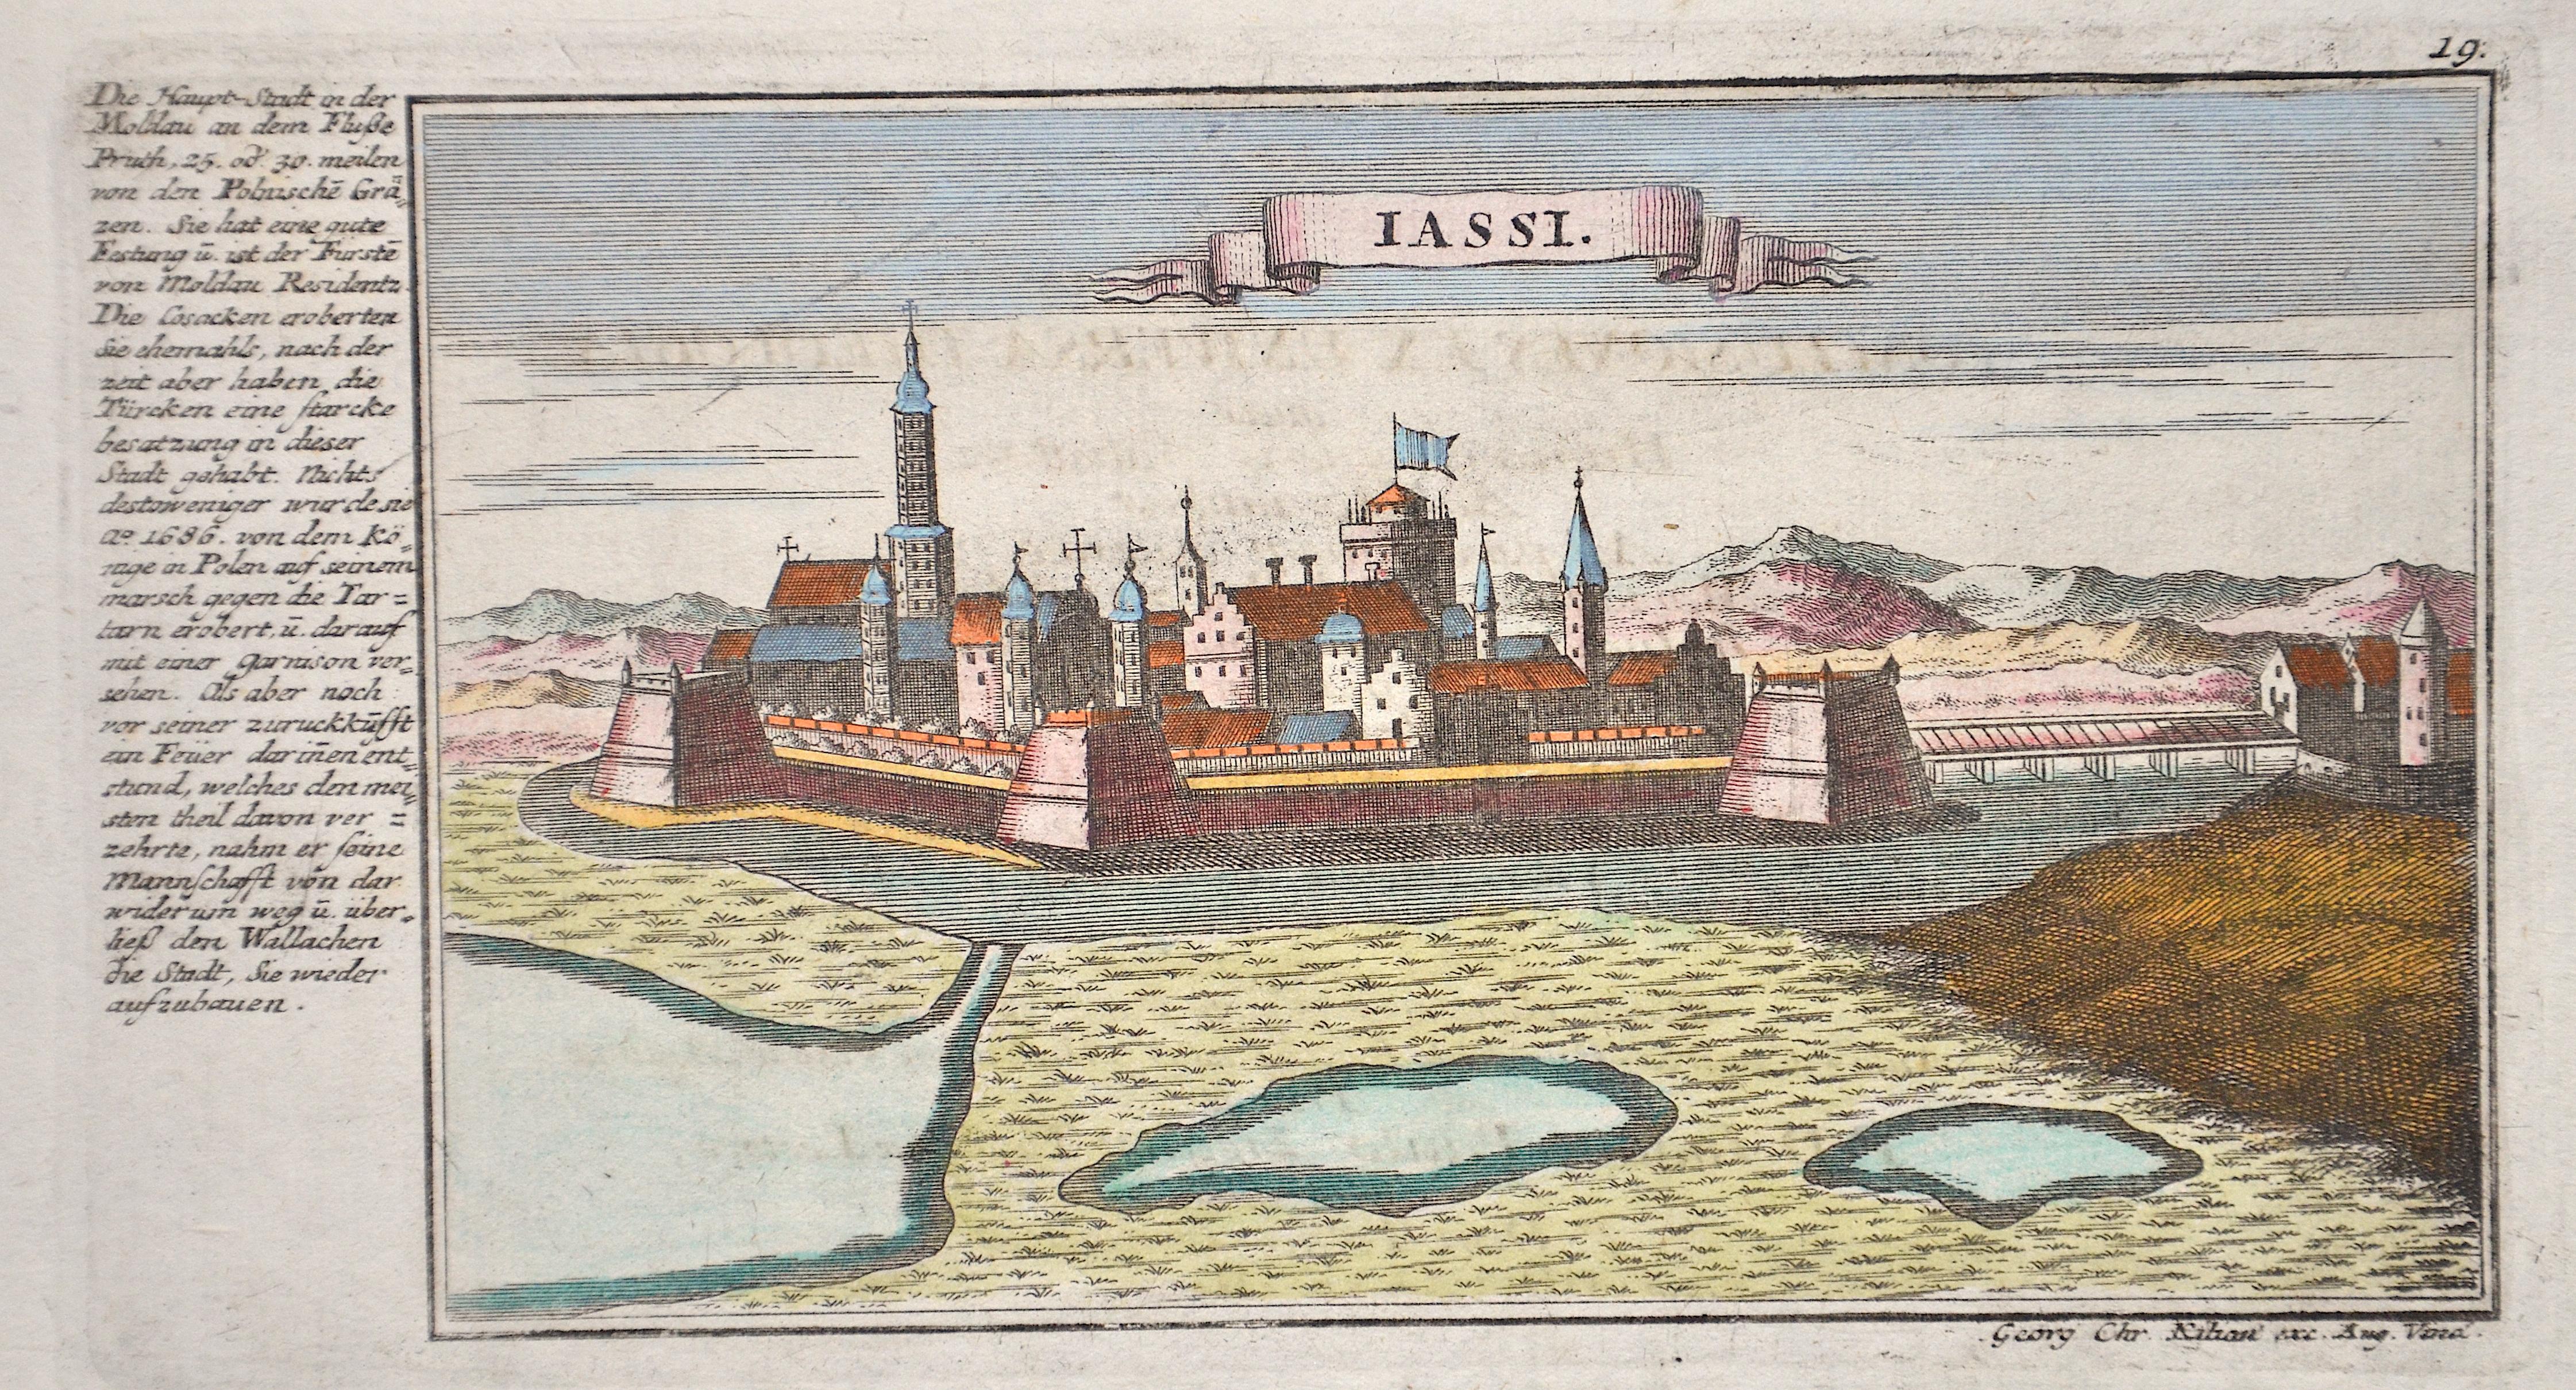 1708 Iassi.